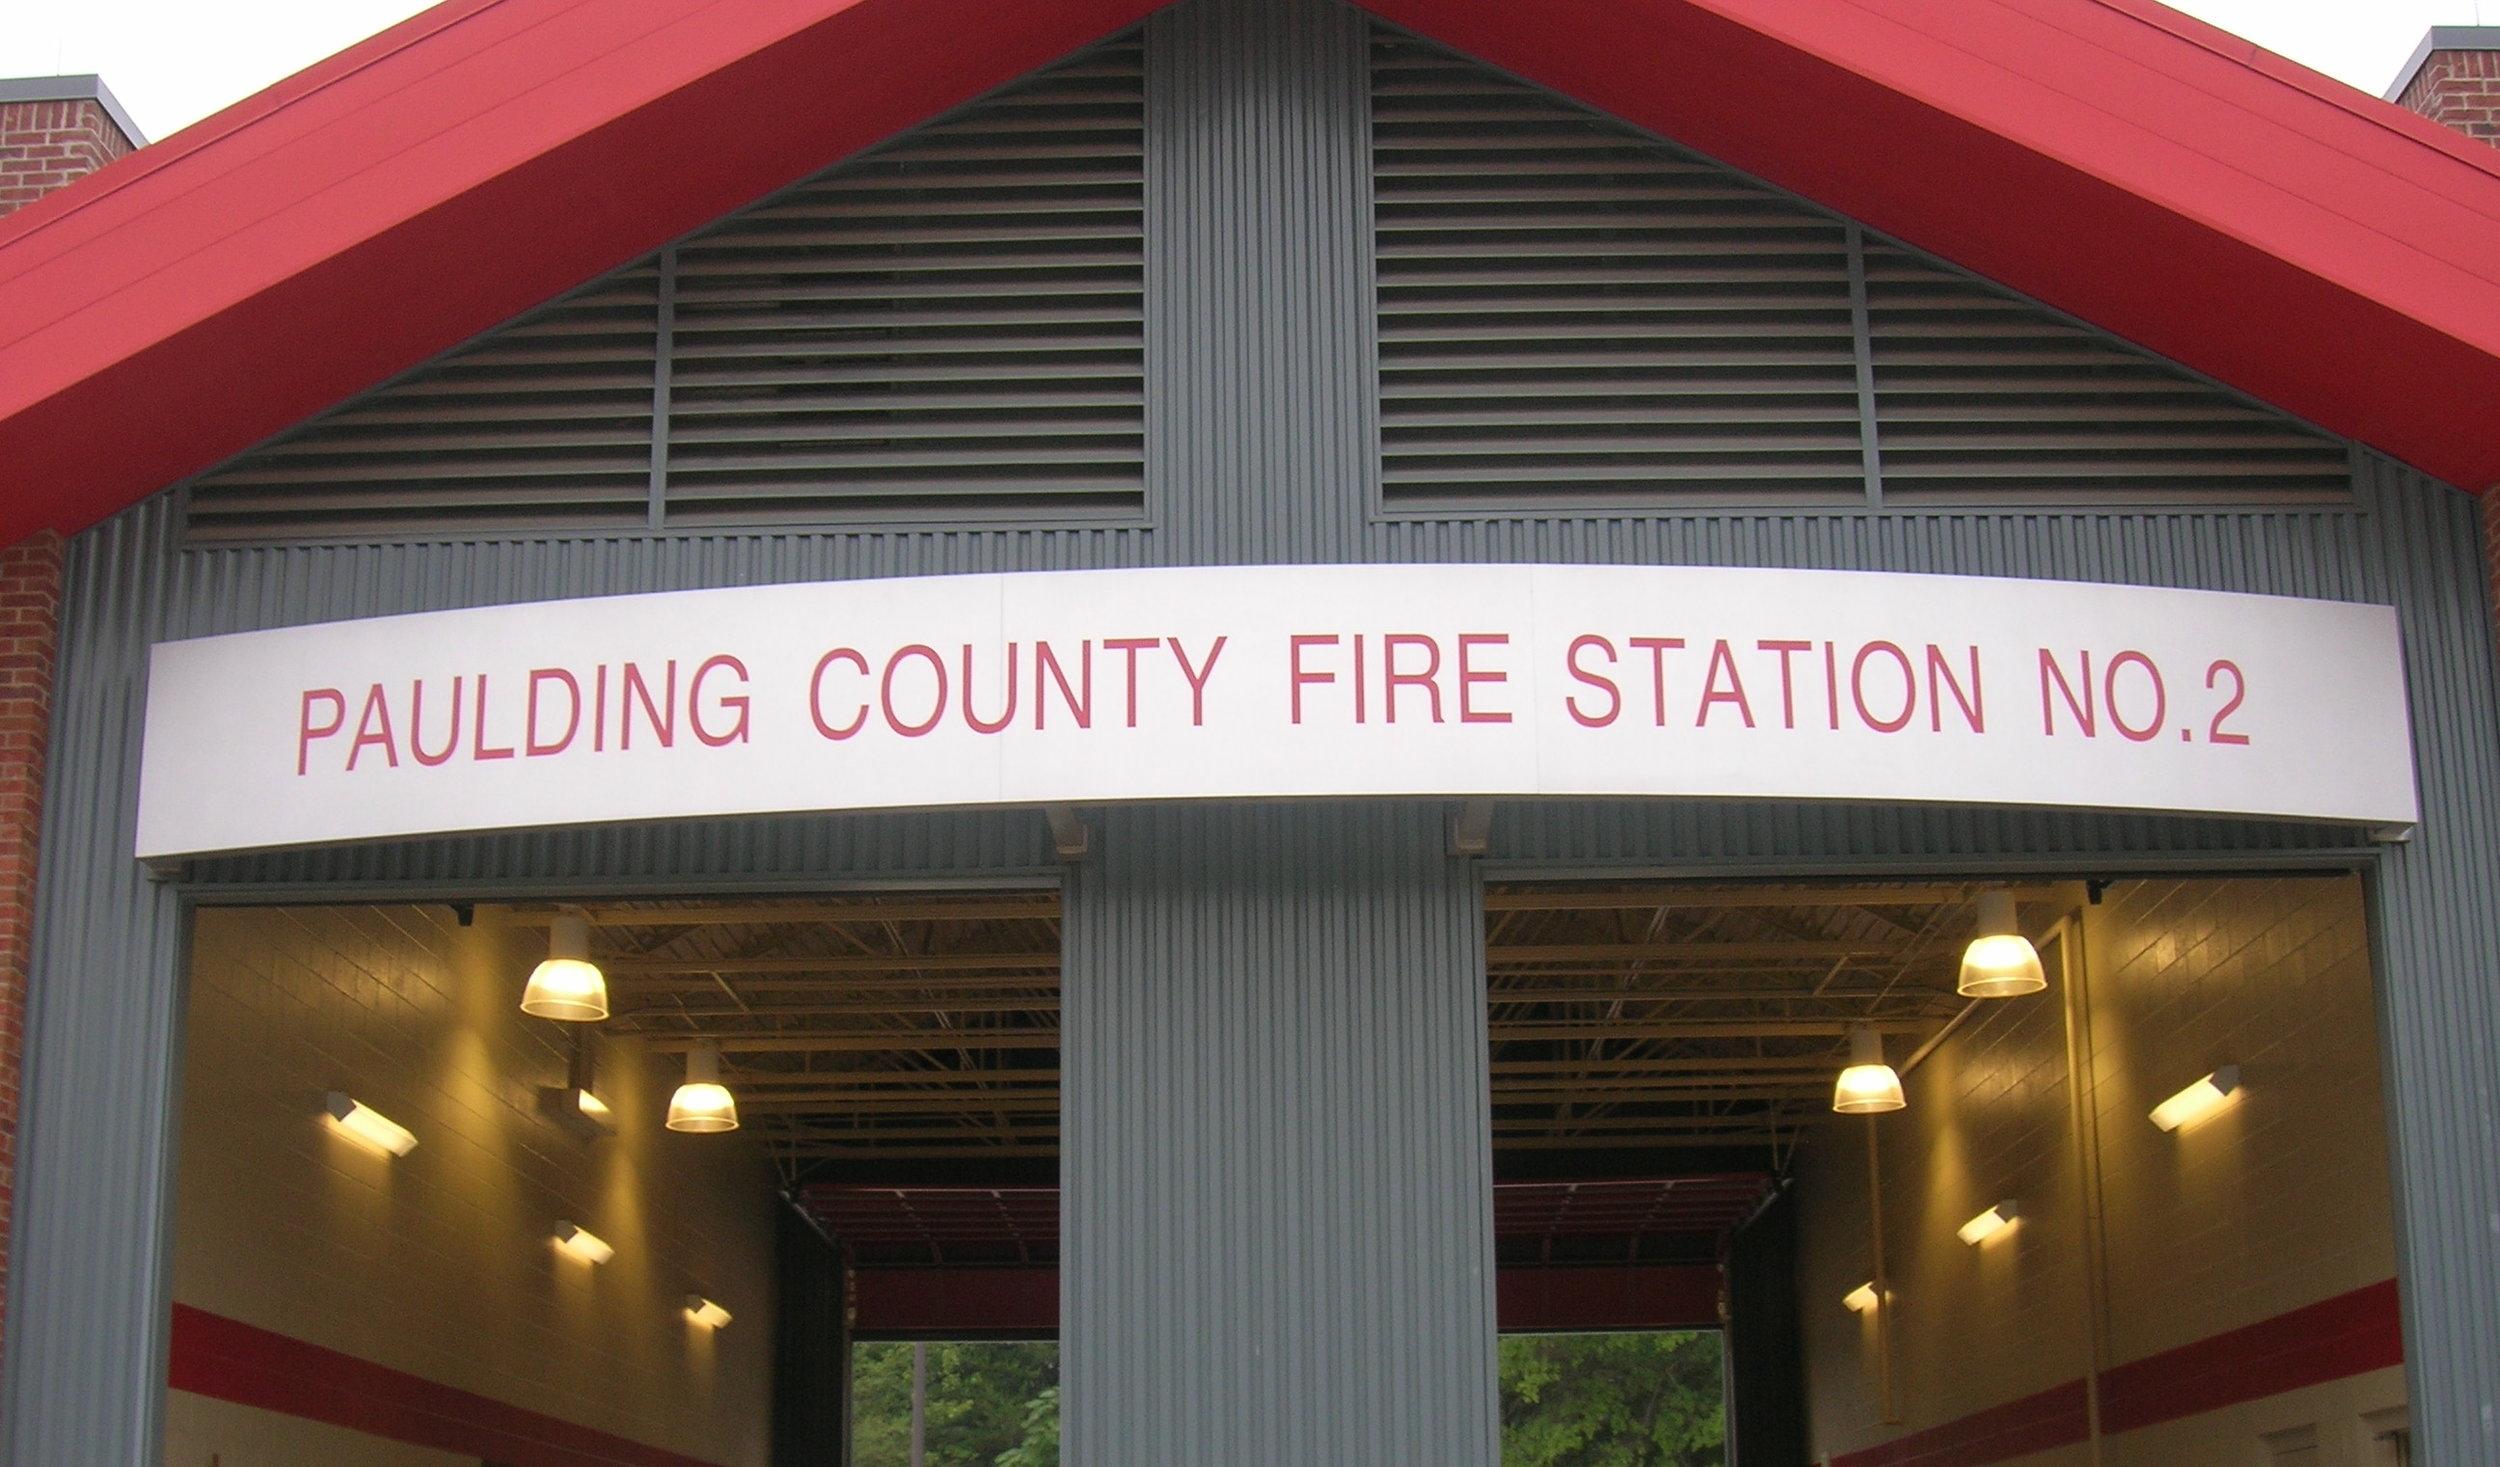 Fire department 004.jpg